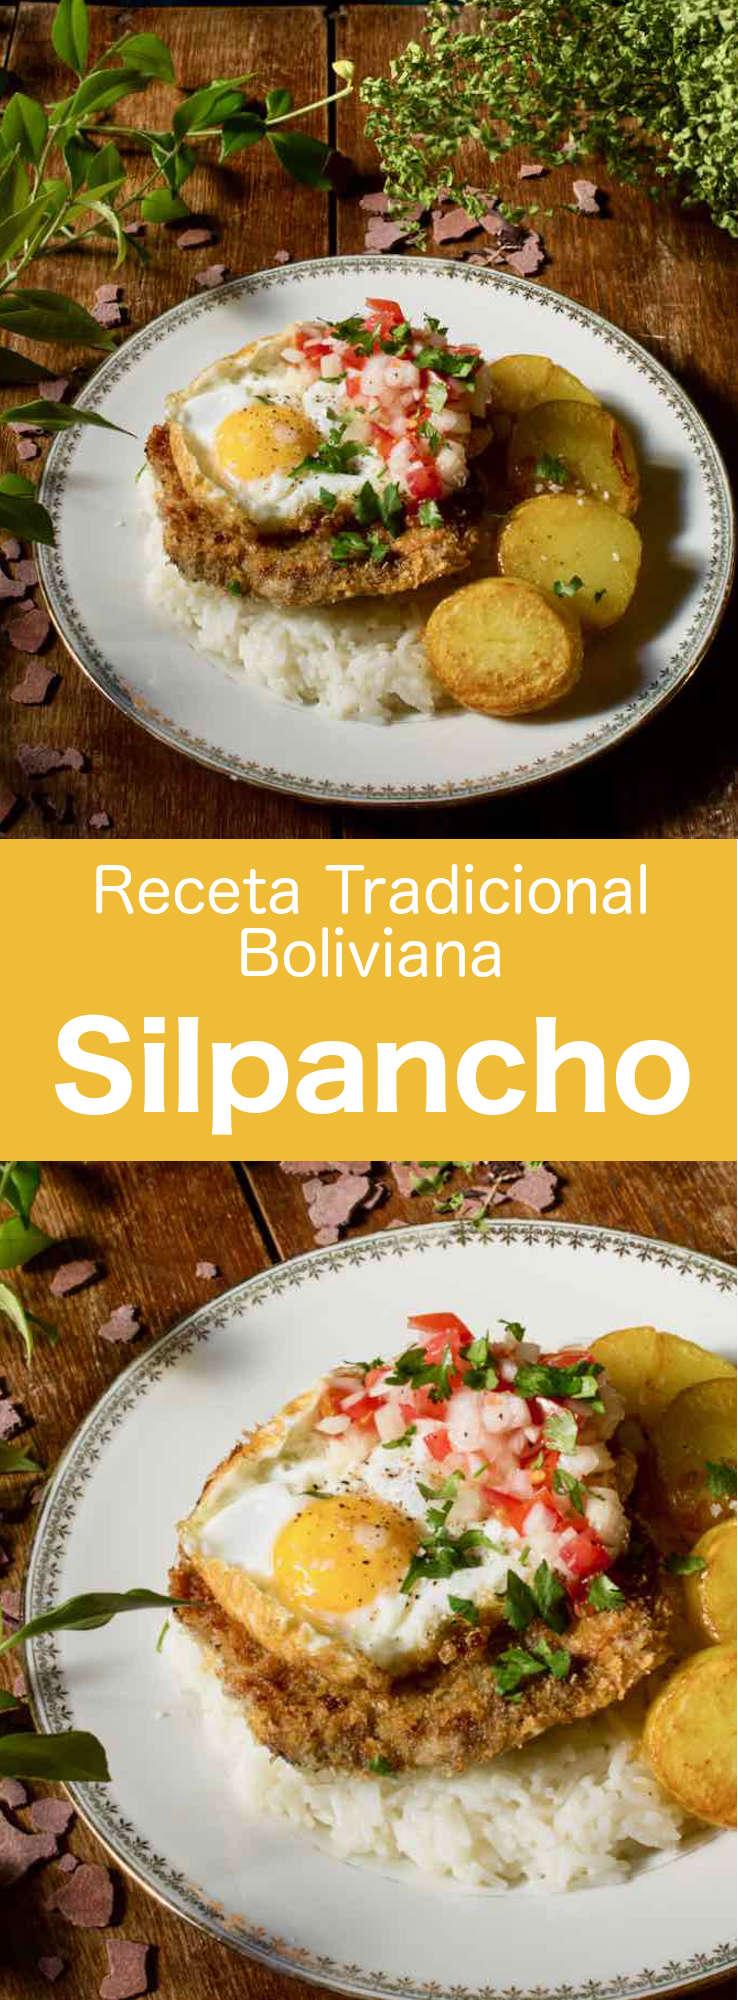 El silpancho es un plato tradicional de Cochabamba (Bolivia) que contiene arroz y patatas, cubiertos con un filete empanizado decorado con unos huevos fritos encima.